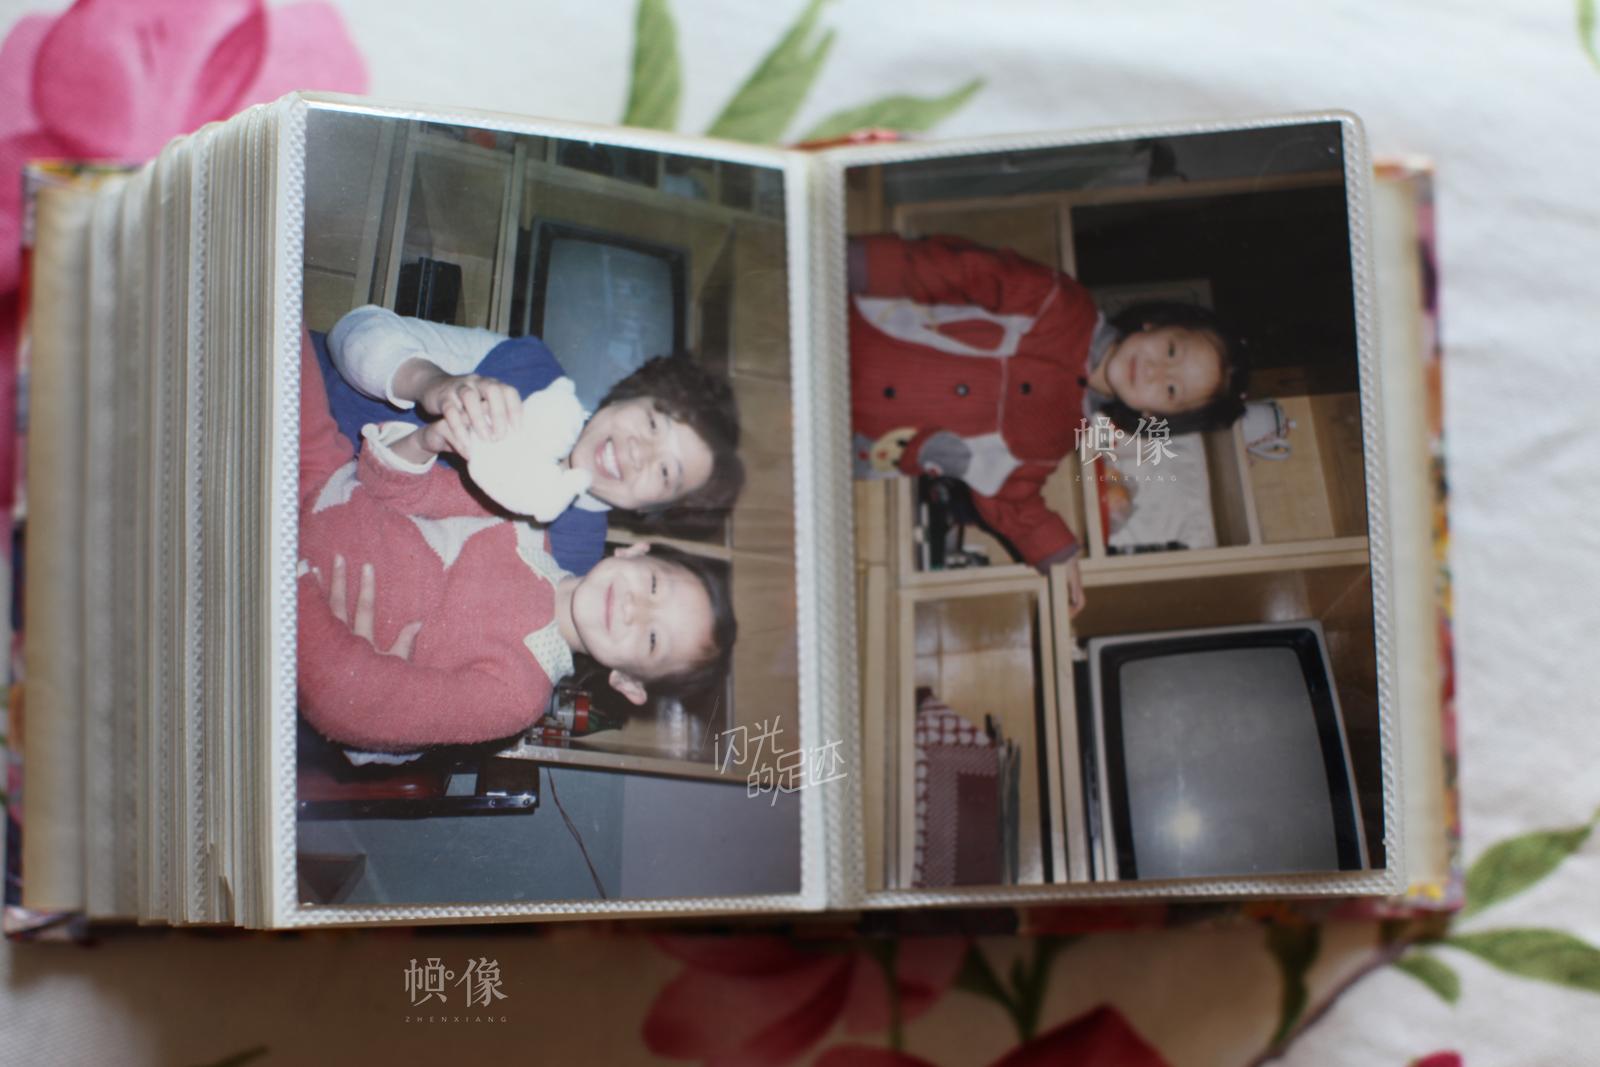 相册里是妈妈赵娴小时候的照片。 中国网记者 赵超 摄